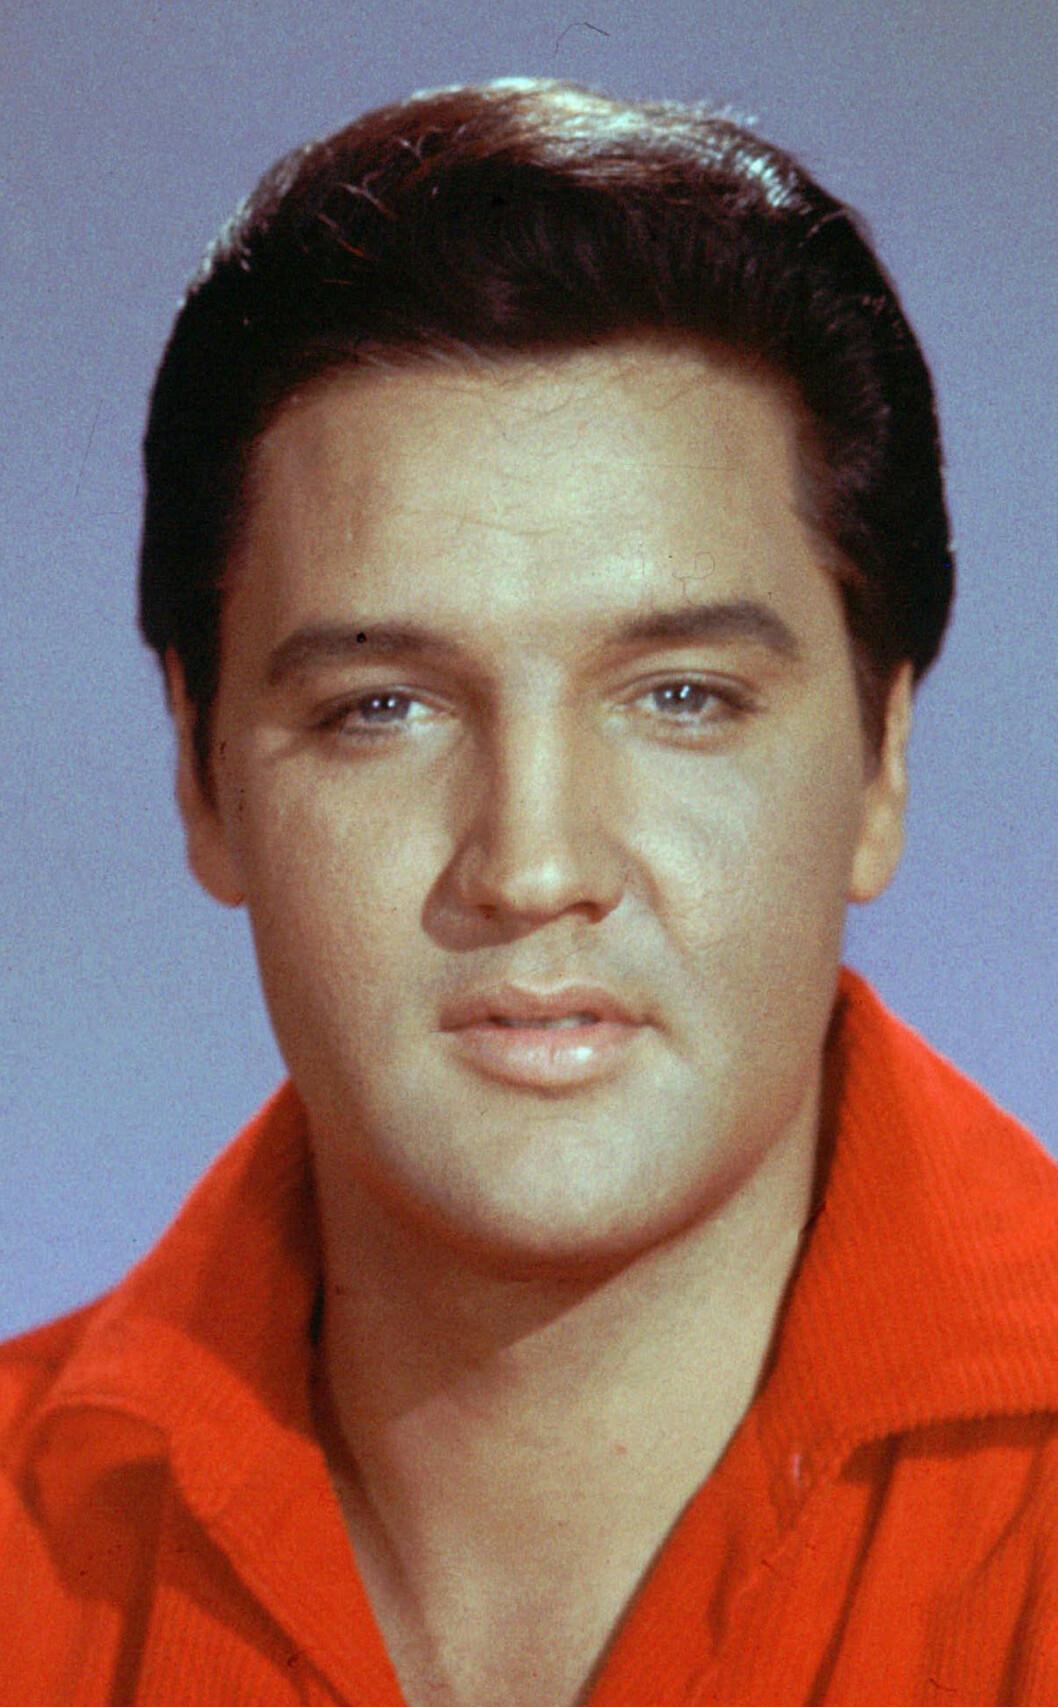 <strong>KJEKKAS:</strong> Det er ingen tvil om at Elvis Presleys fire barnebarn har arvet hans flotte trekk. Foto: NTB Scanpix